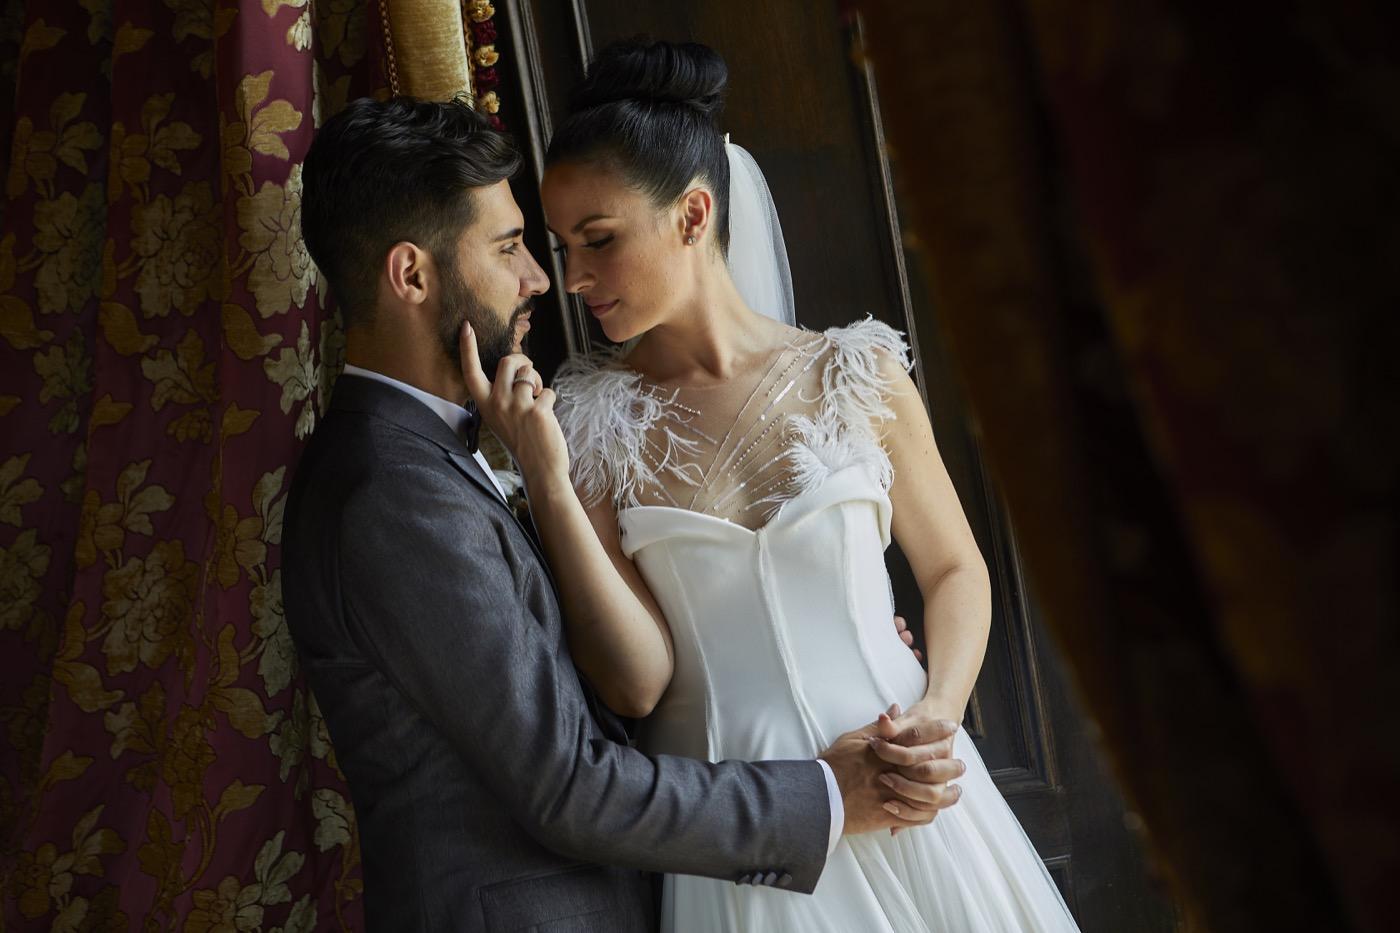 Claudio-Coppola-wedding-photographer-villa-del-cardinale-rocca-di-papa-castel-gandolfo-51